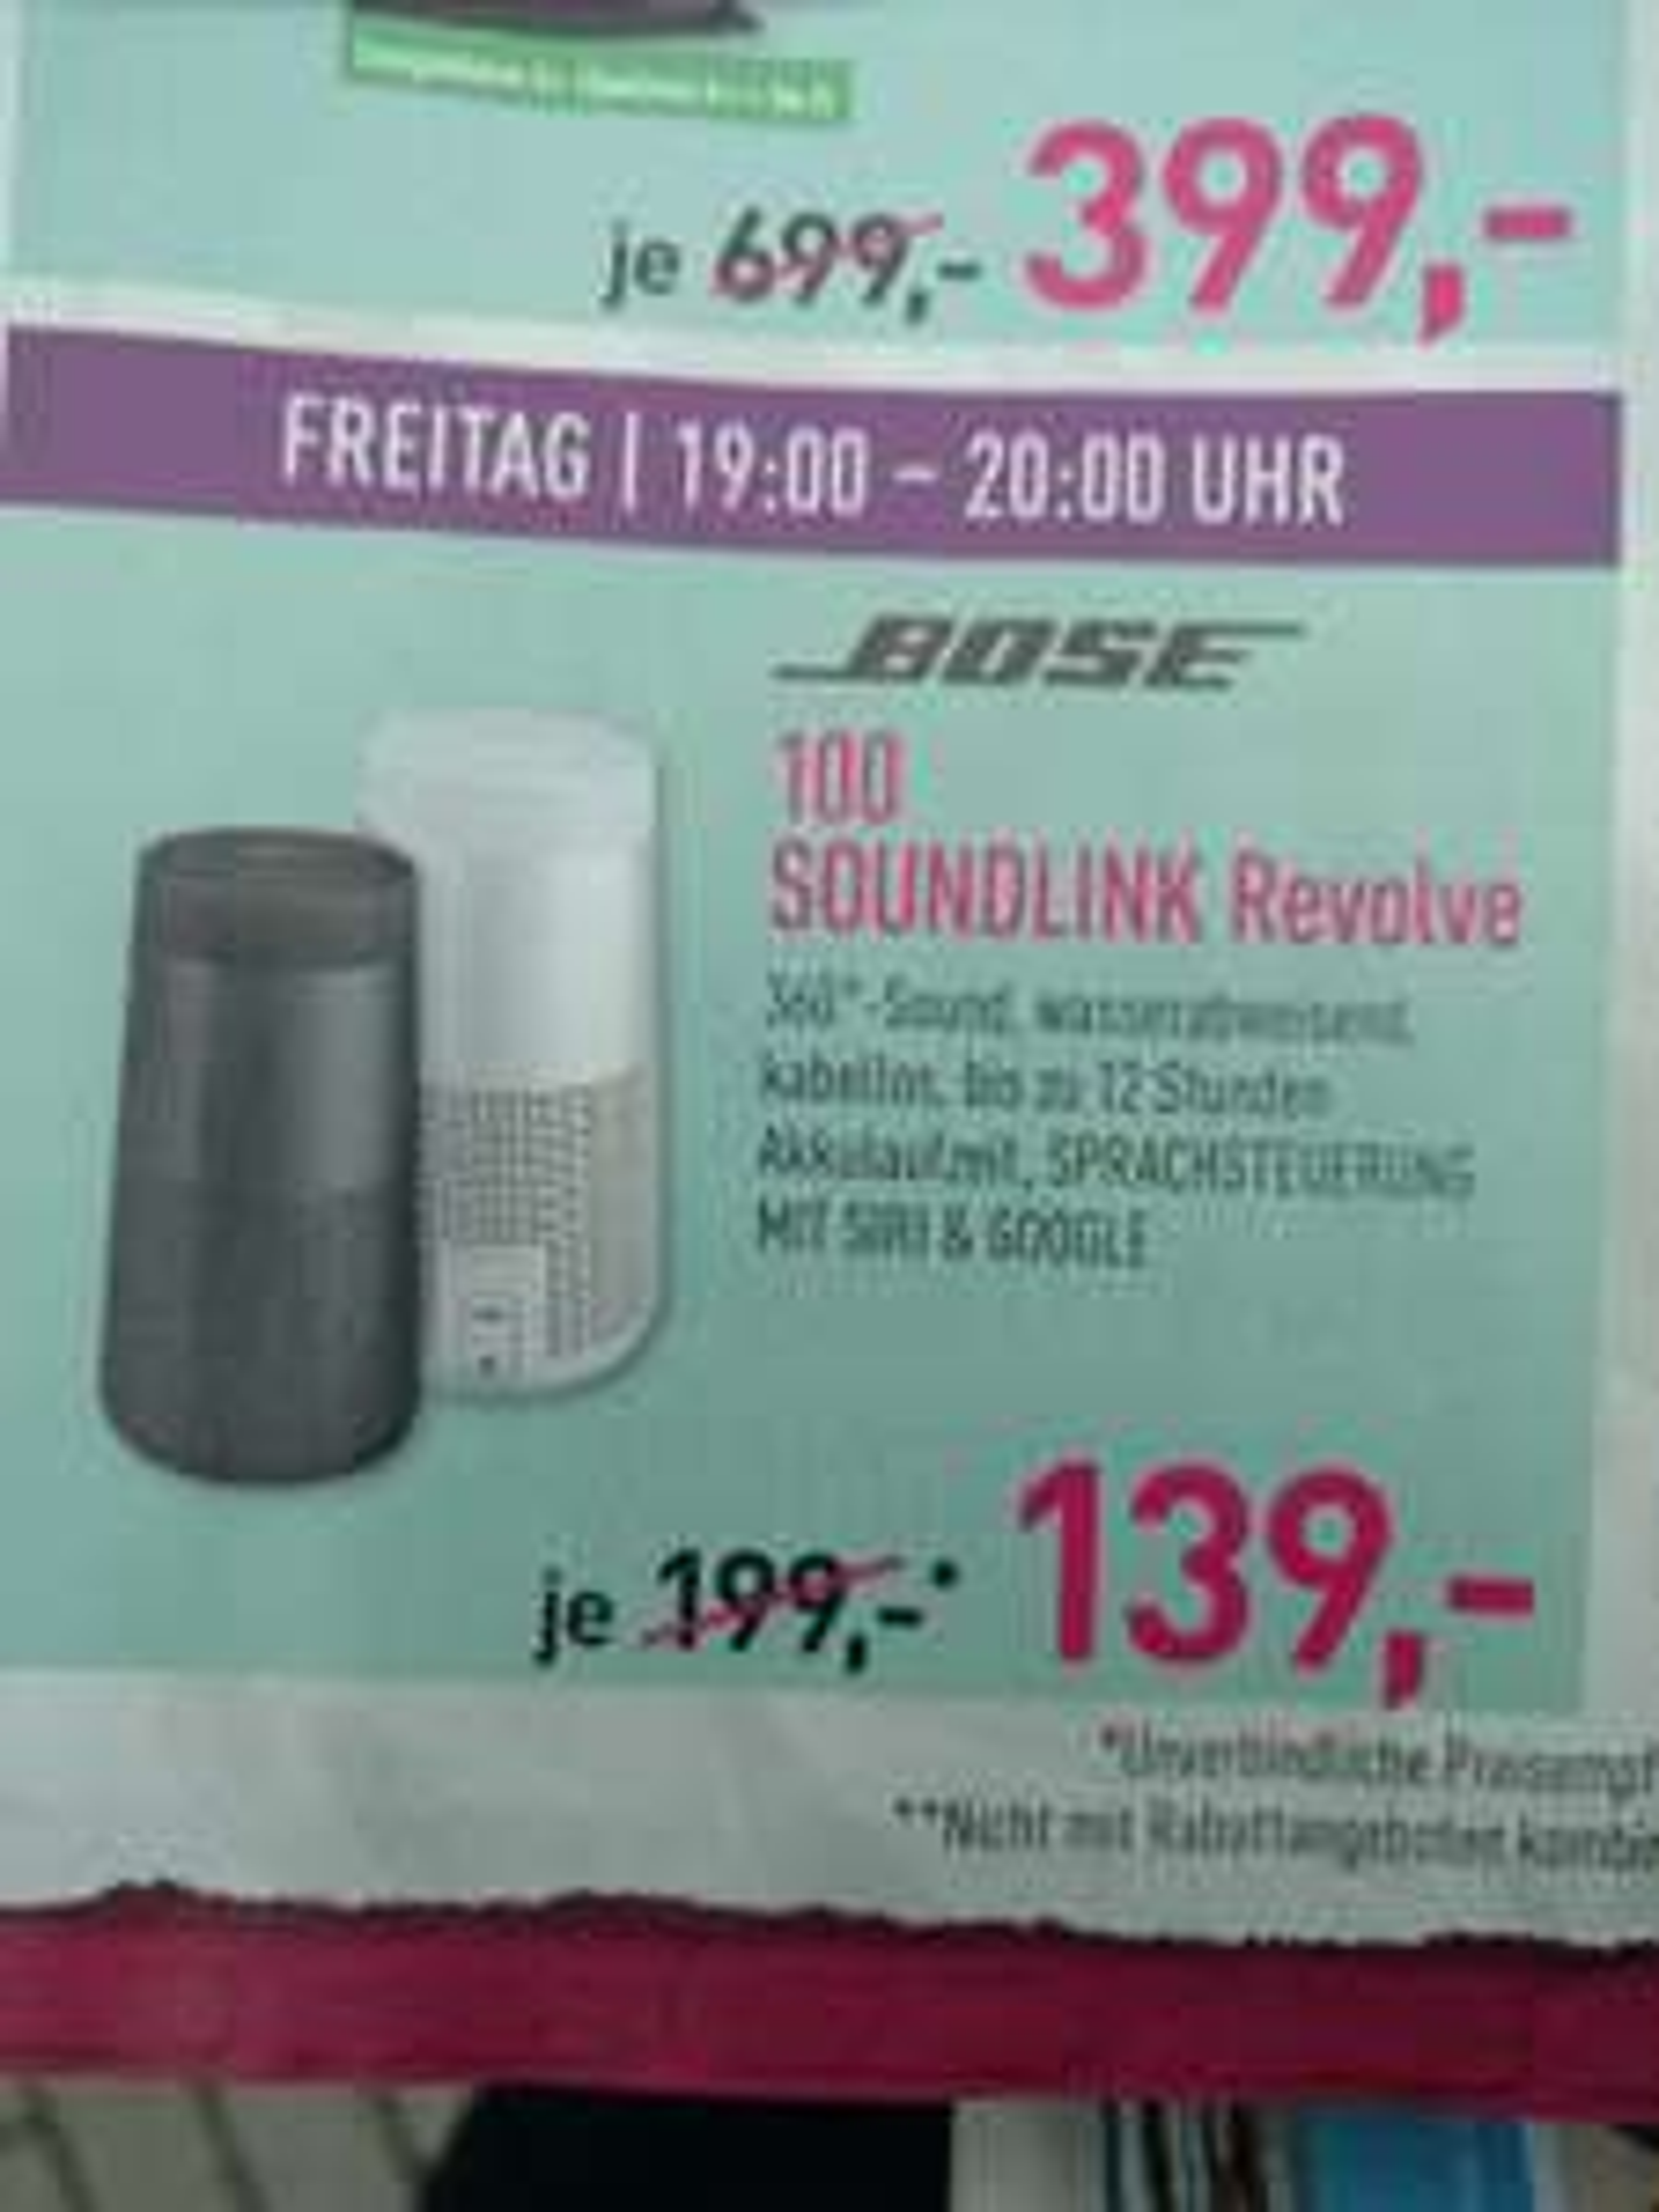 [Lokal Posthausen Bremen] (Dodenhof) Bose Soundlink Revolve {Nur 19-20 Uhr}